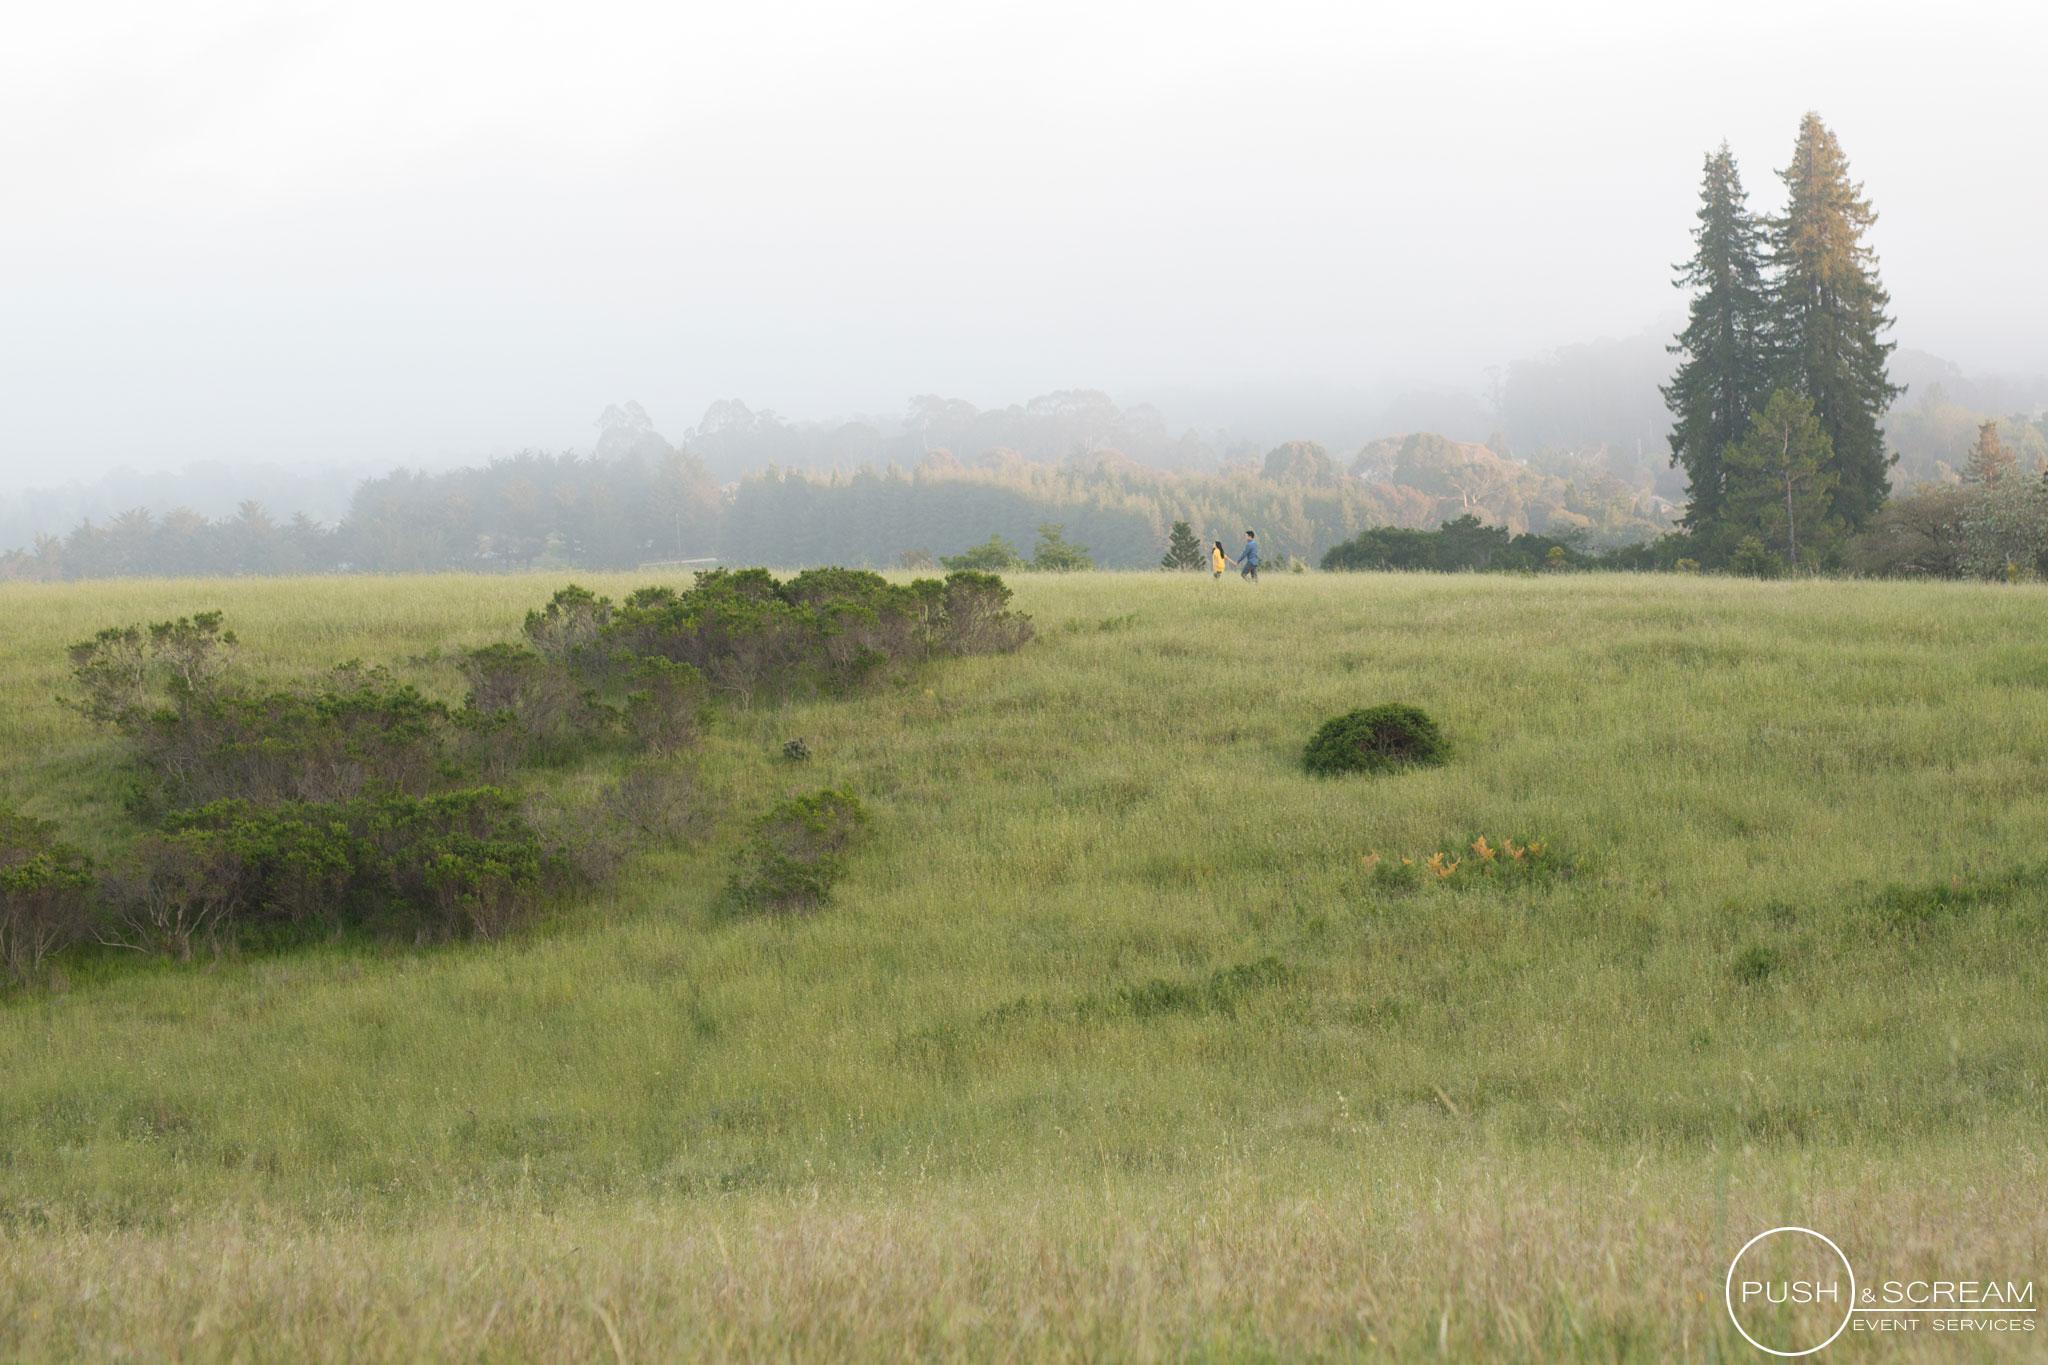 UC Santa Cruz San Francisco Engagement | Kim + Thaison